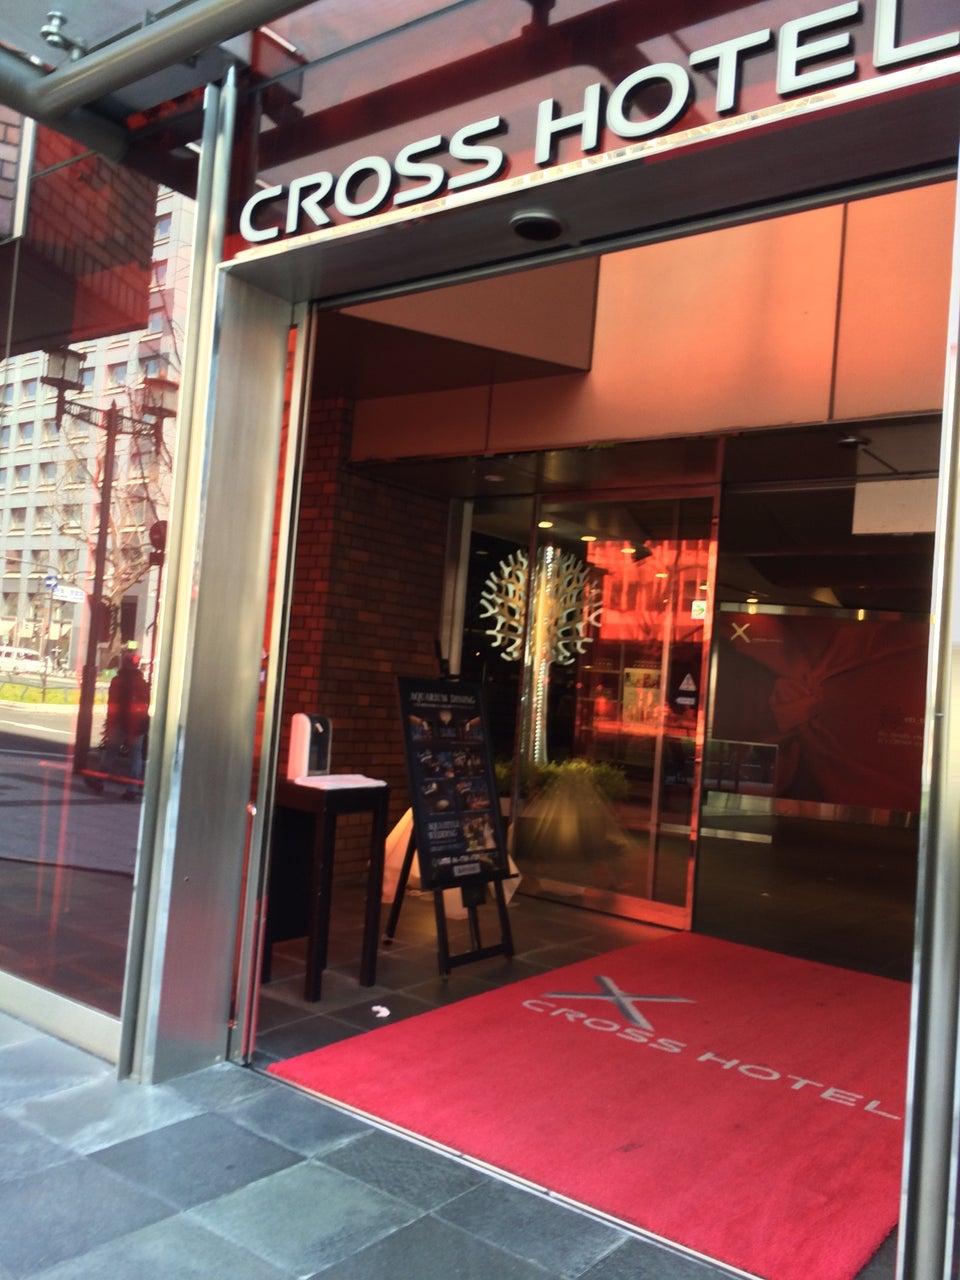 大阪十字飯店 Cross Hotel Osaka